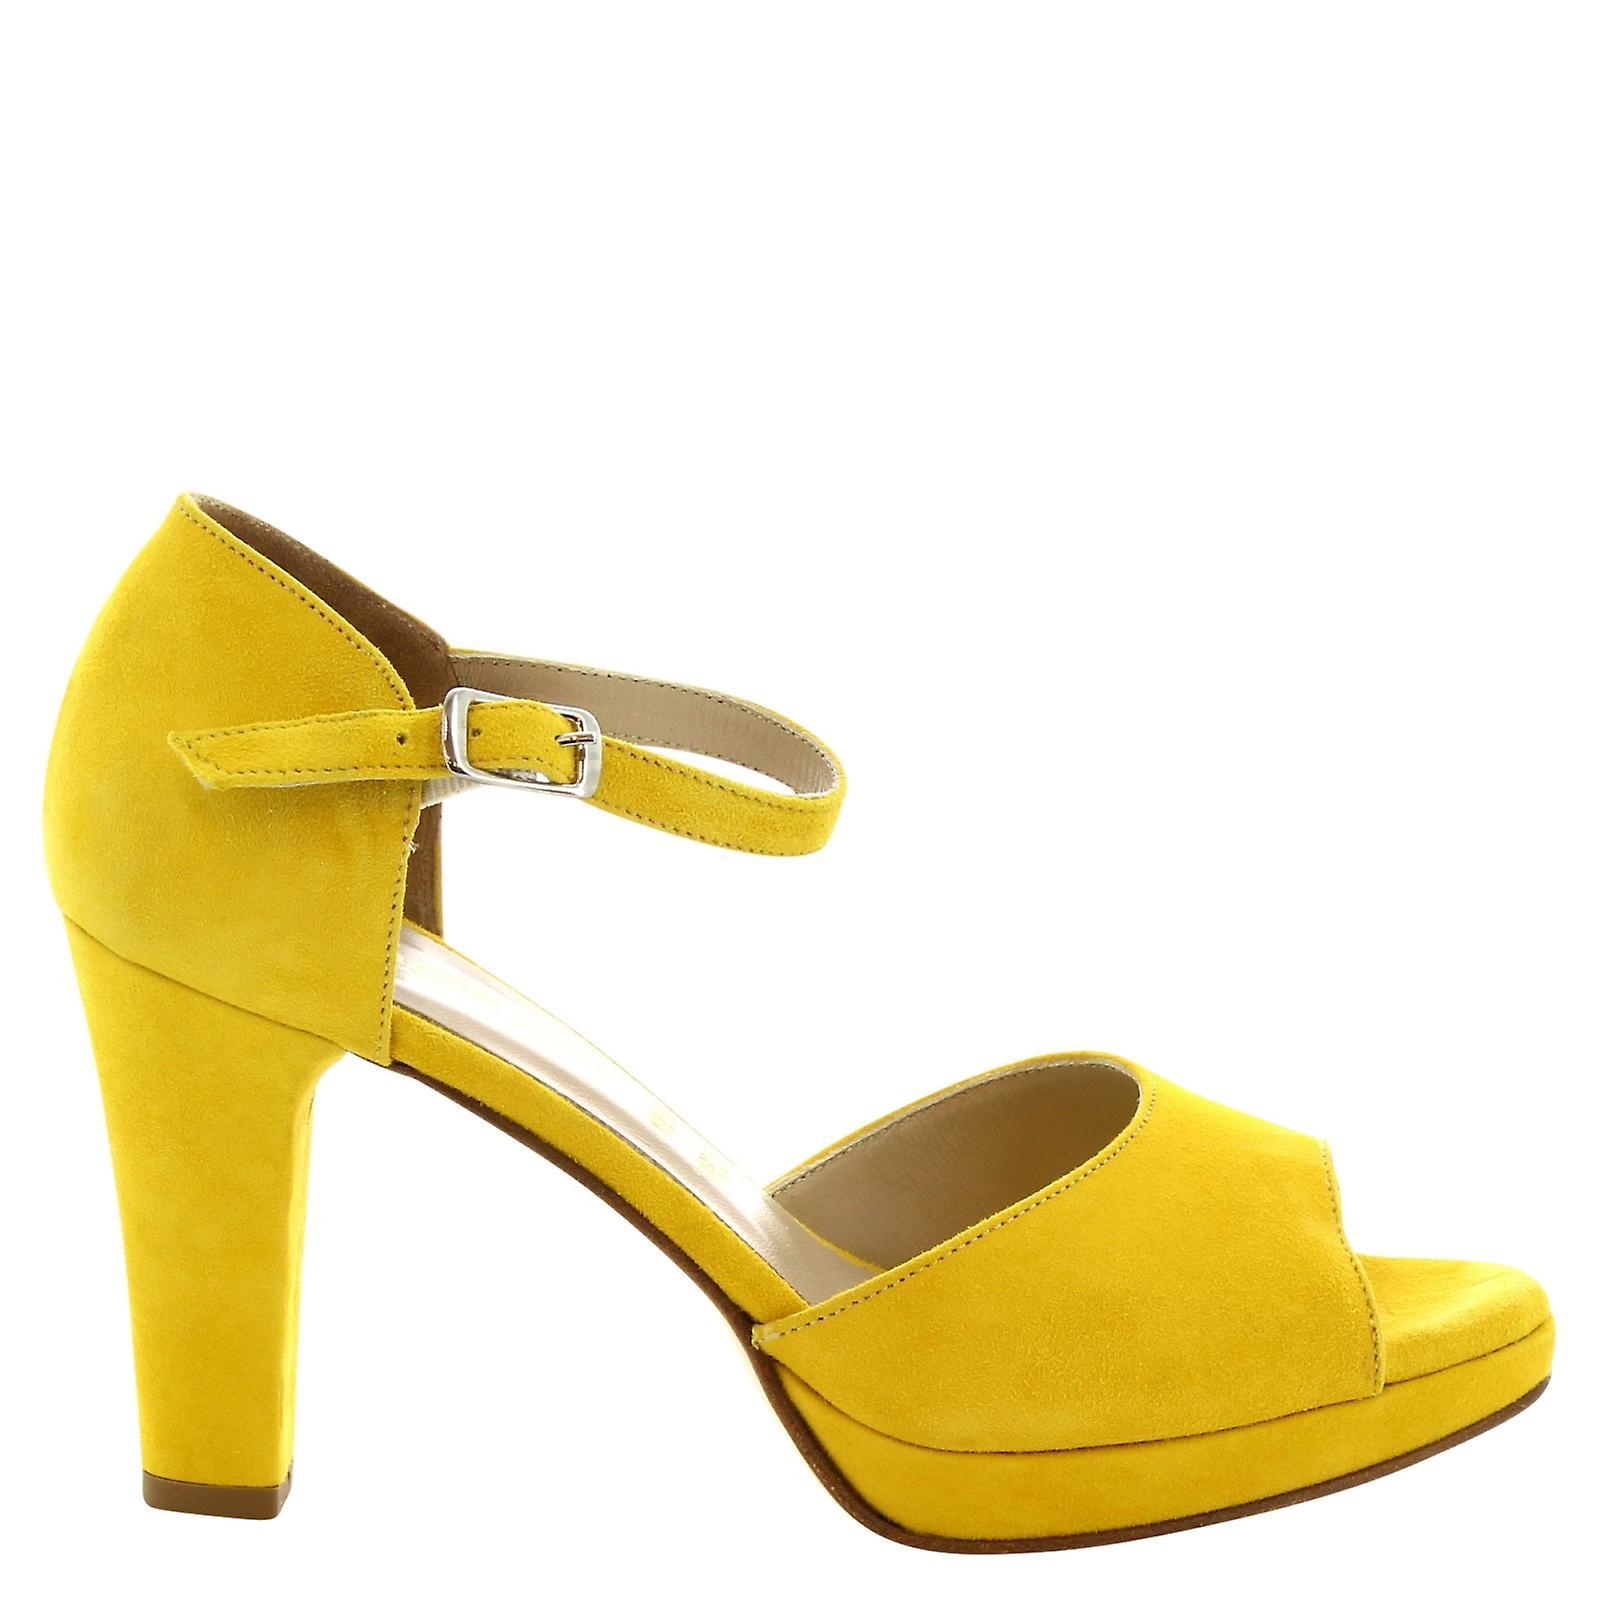 Fatto a mano giallo camoscio tacchi alti sandali Leonardo scarpe donna